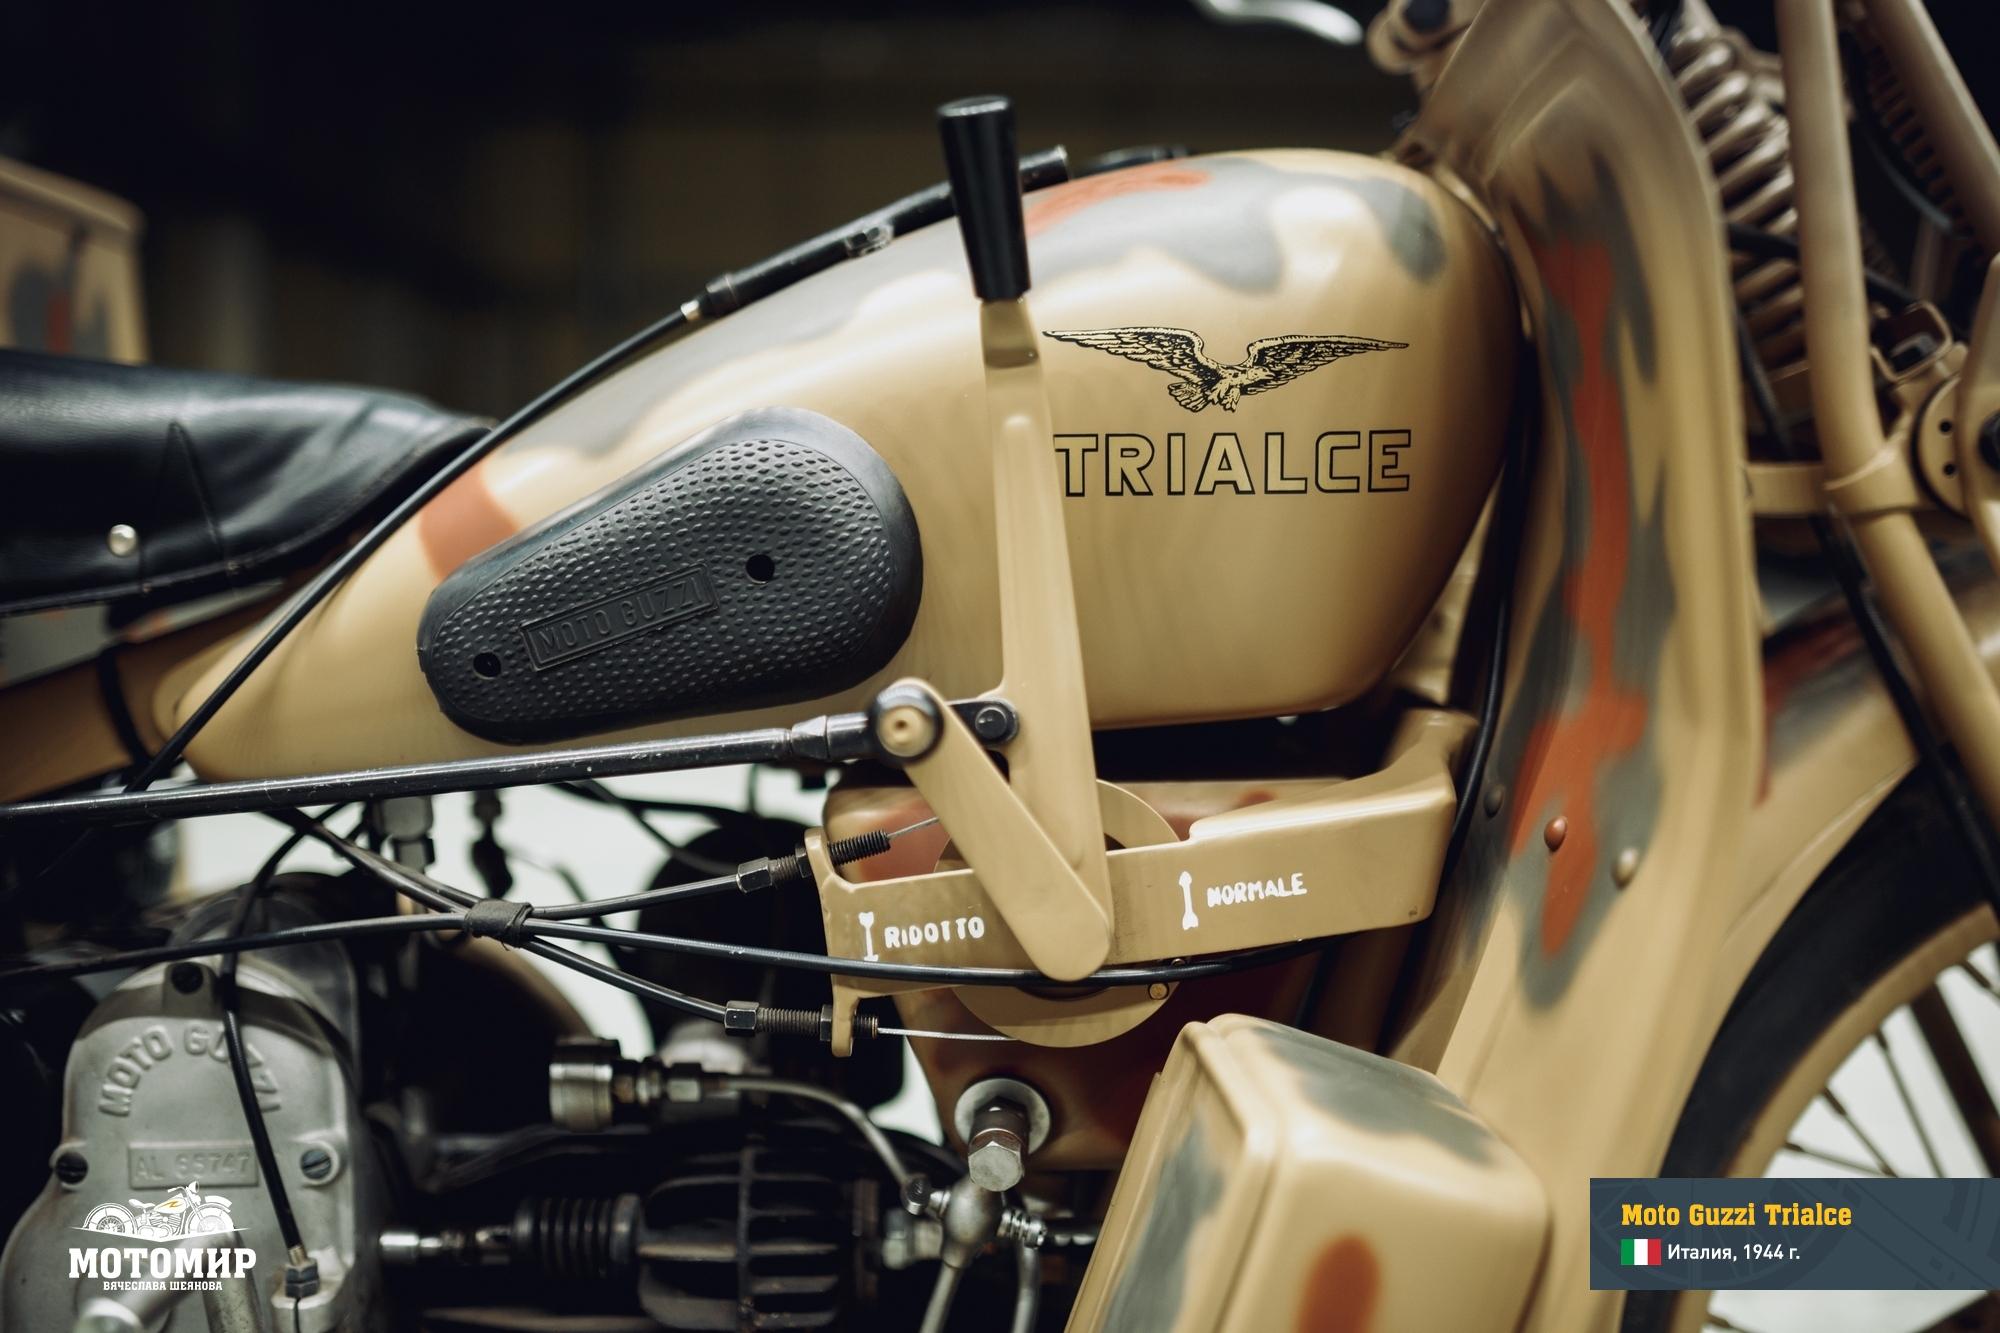 moto-guzzi-trialce-201502-web-27